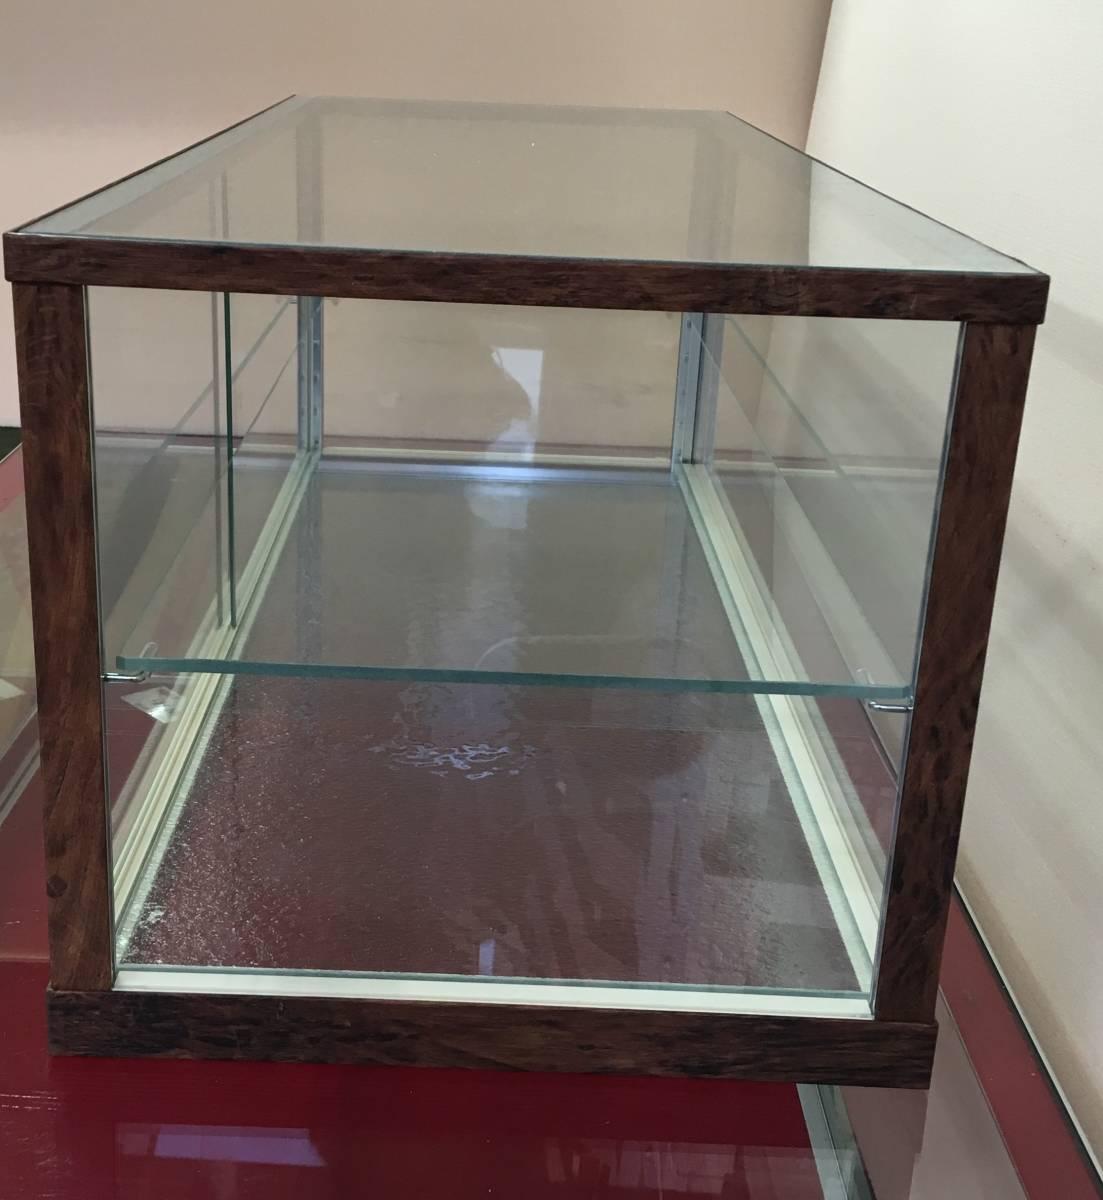 アンティーク調ガラスケース ショーケース 幅75㎝高さ28.5㎝ コレクションケースにも_画像4